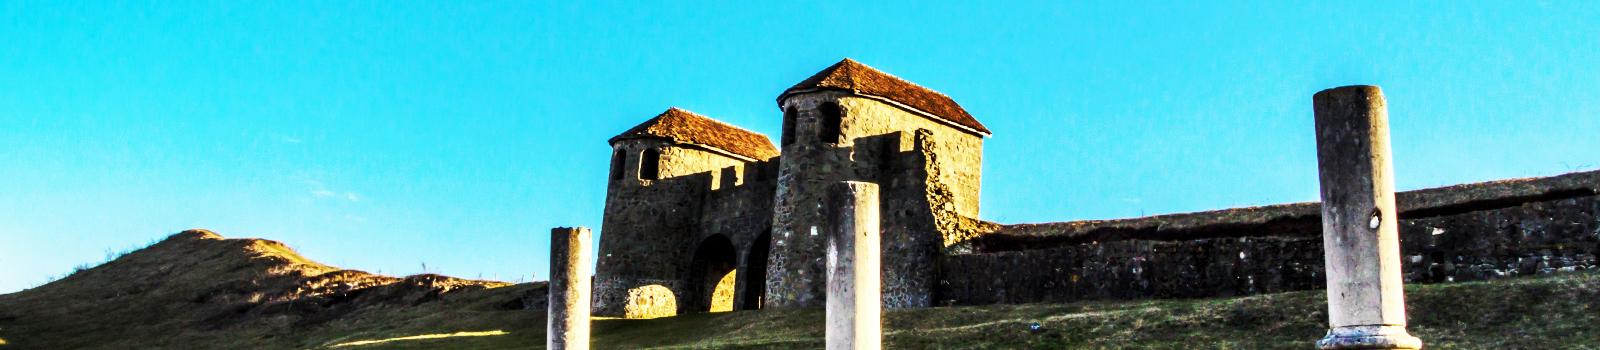 Das archäologische Komplex Porolissum